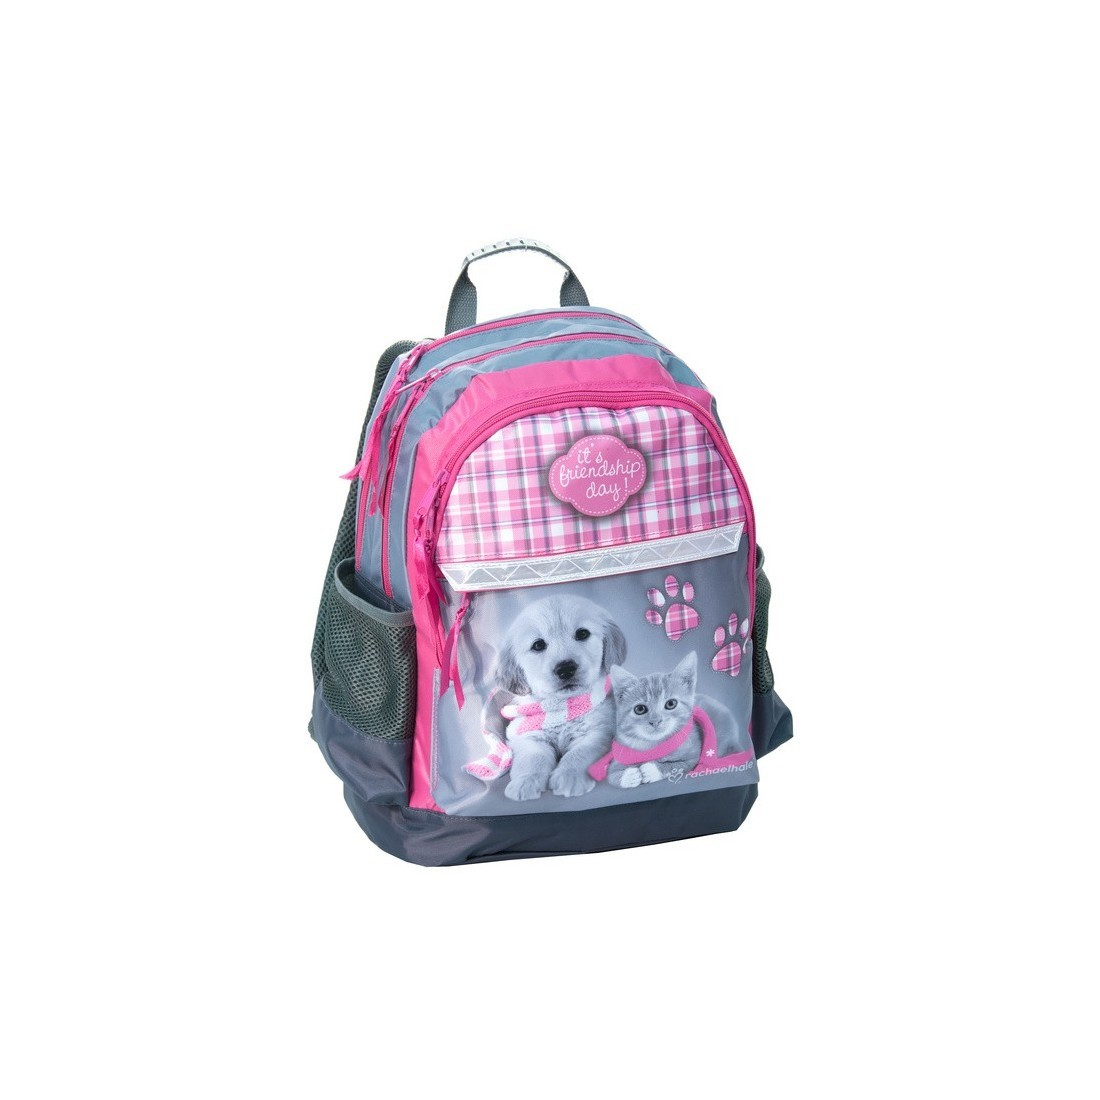 Plecak szkolny Rachael Hale z pieskiem i kotkiem w szaliku - plecak-tornister.pl